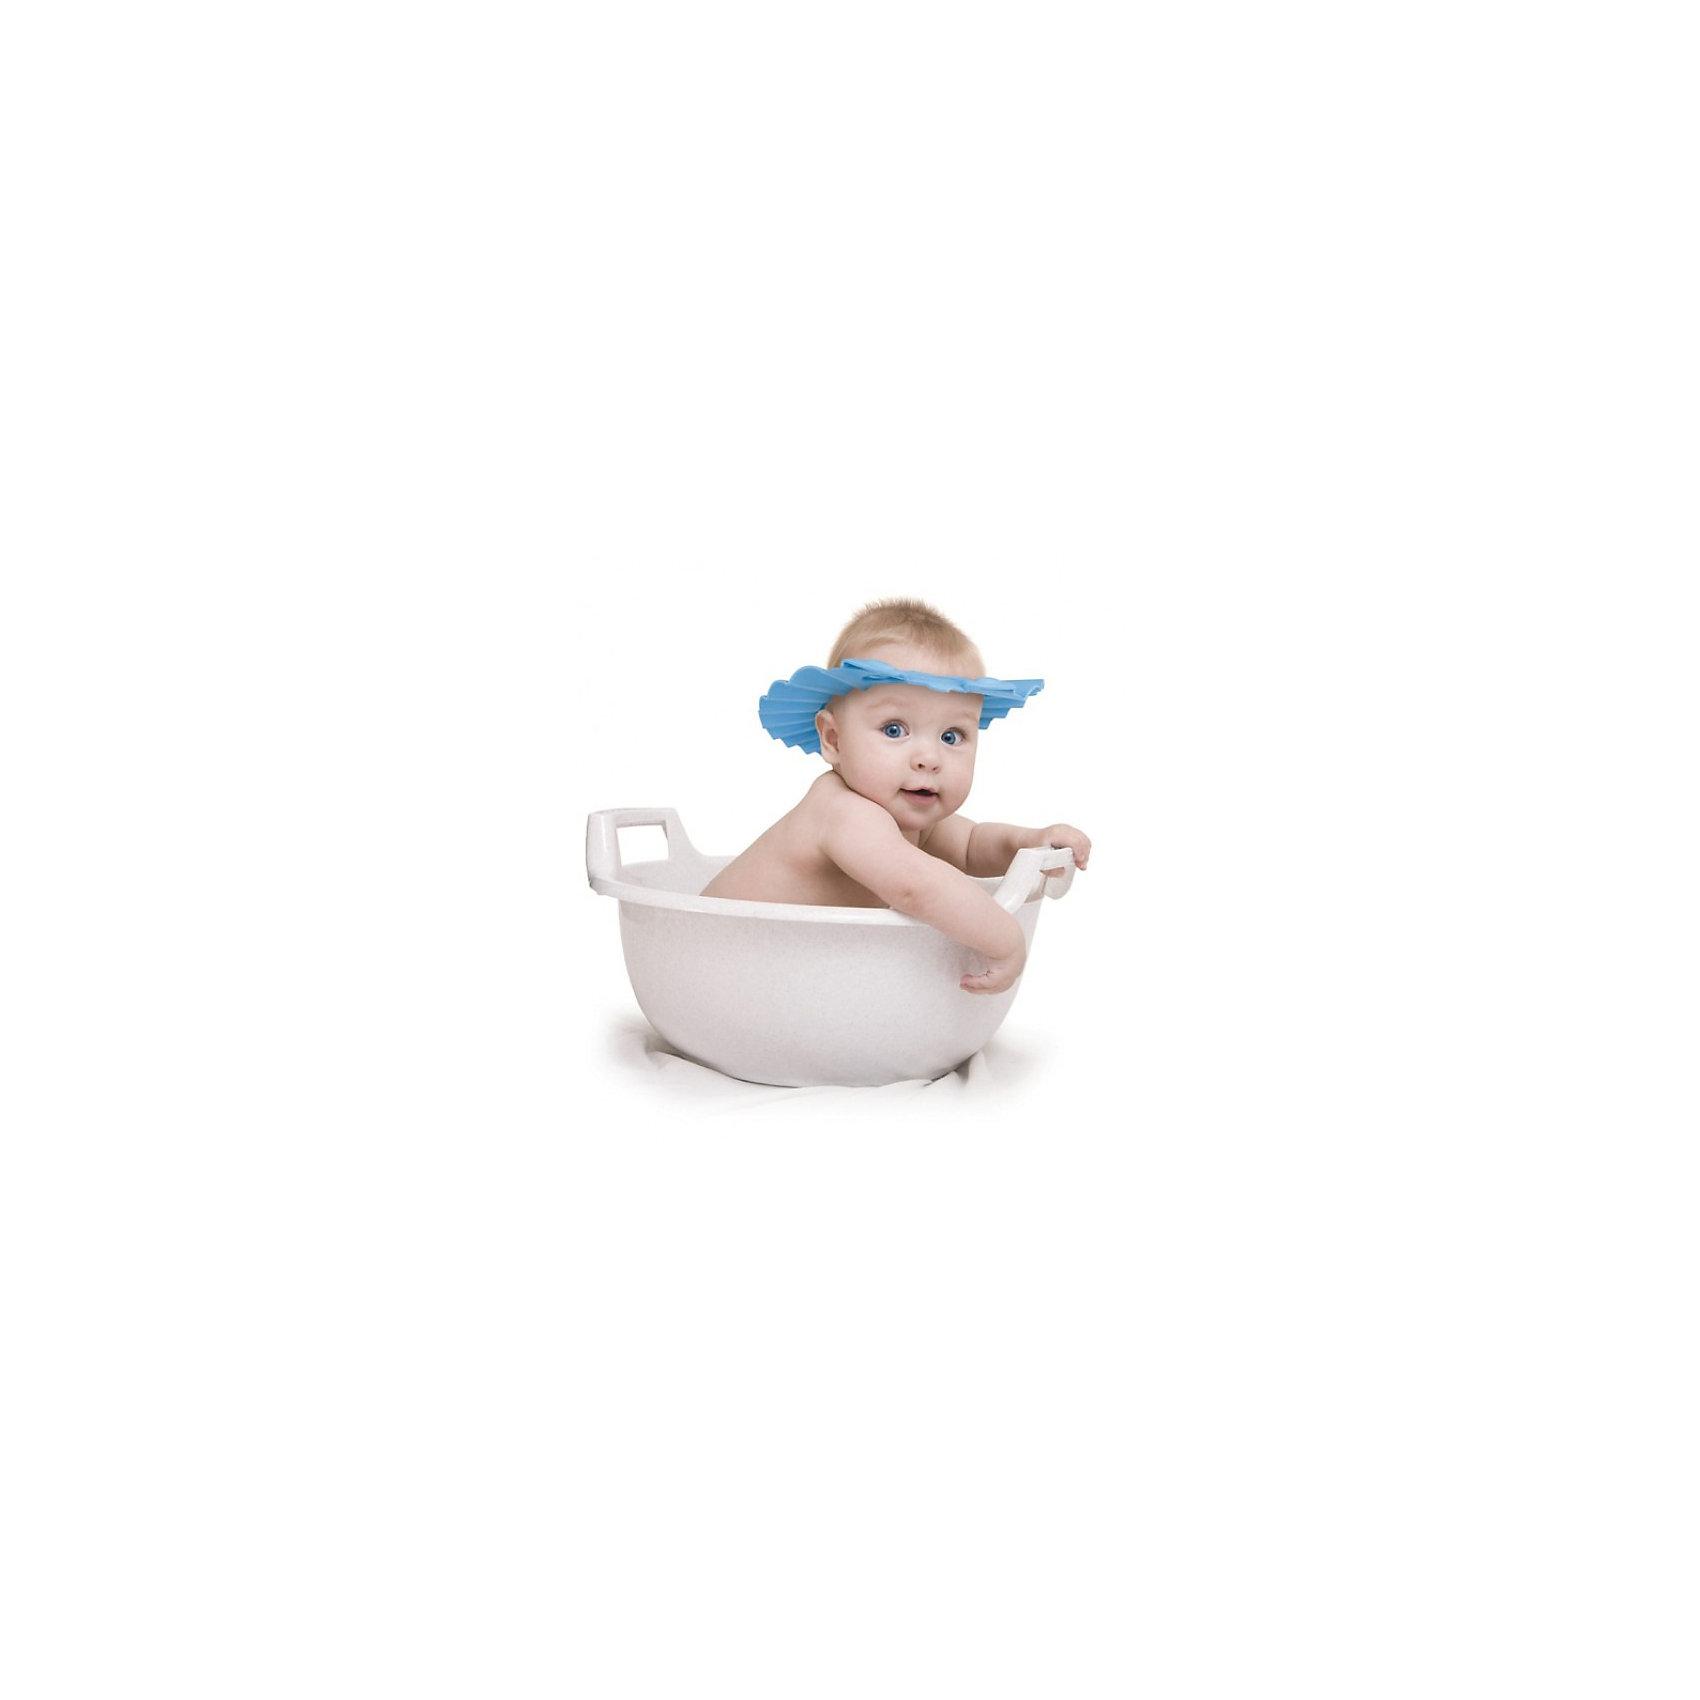 Защитный ободок для мытья волос, Canpol Babies, голубойПрочие аксессуары<br>Защитный ободок для мытья волос от Canpol Babies поможет сделать купание малыша приятным и комфортным. Ободок защищает лицо и глазки ребенка от попадания мыла, шампуня и воды. <br><br>Дополнительная информация:<br>- Материал: полипропилен.<br>- Размер: 38,5 х 26 х 1 см.<br>- Вес: 44 гр.<br>Защитный ободок для мытья волос, Canpol Babies) можно купить в нашем интернет-магазине.<br><br>Ширина мм: 385<br>Глубина мм: 260<br>Высота мм: 10<br>Вес г: 44<br>Возраст от месяцев: 0<br>Возраст до месяцев: 36<br>Пол: Унисекс<br>Возраст: Детский<br>SKU: 3726291